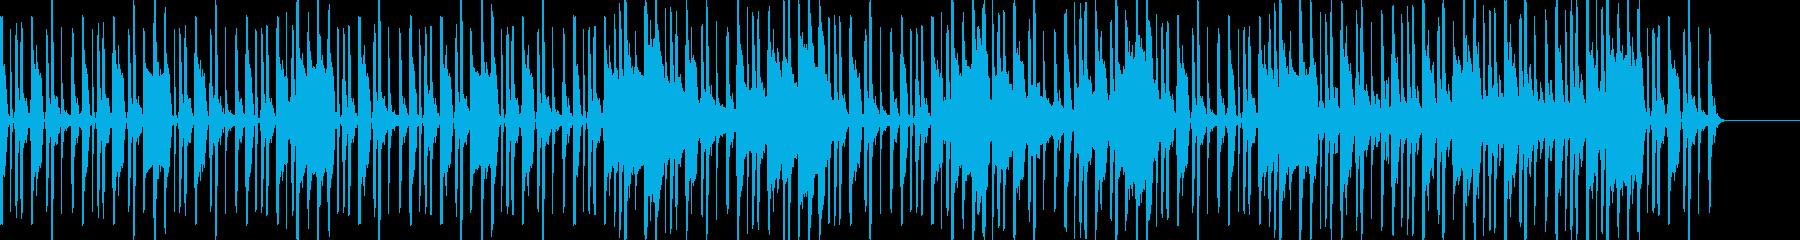 深海や洞窟のような謎が深まるエレクトロの再生済みの波形